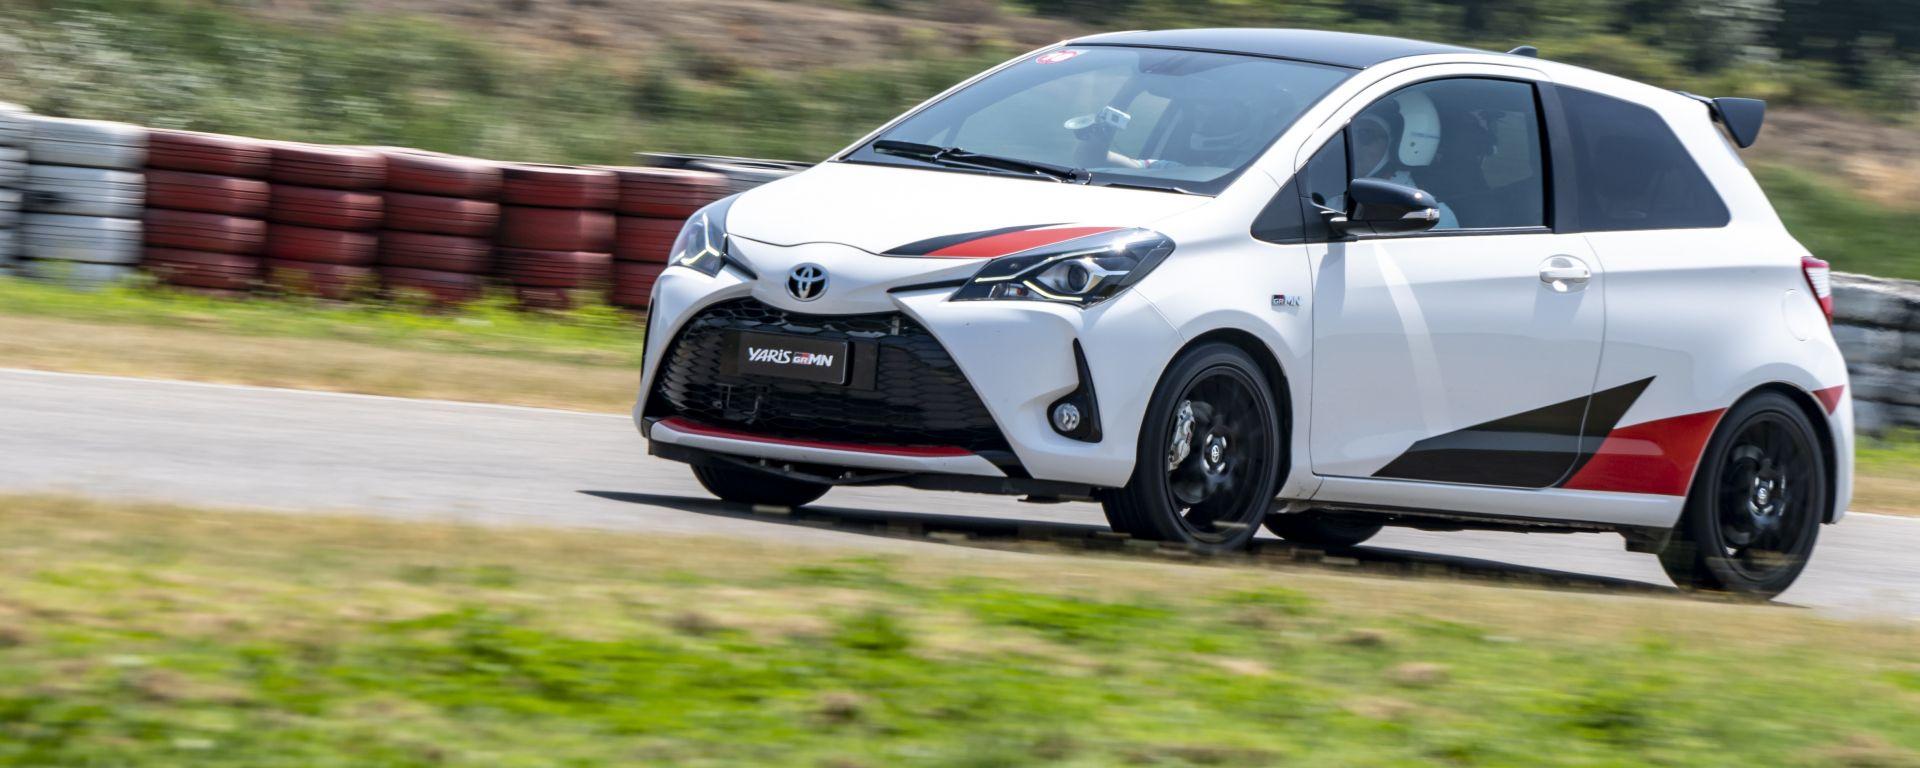 Toyota yaris GRMN by Gazoo Racing